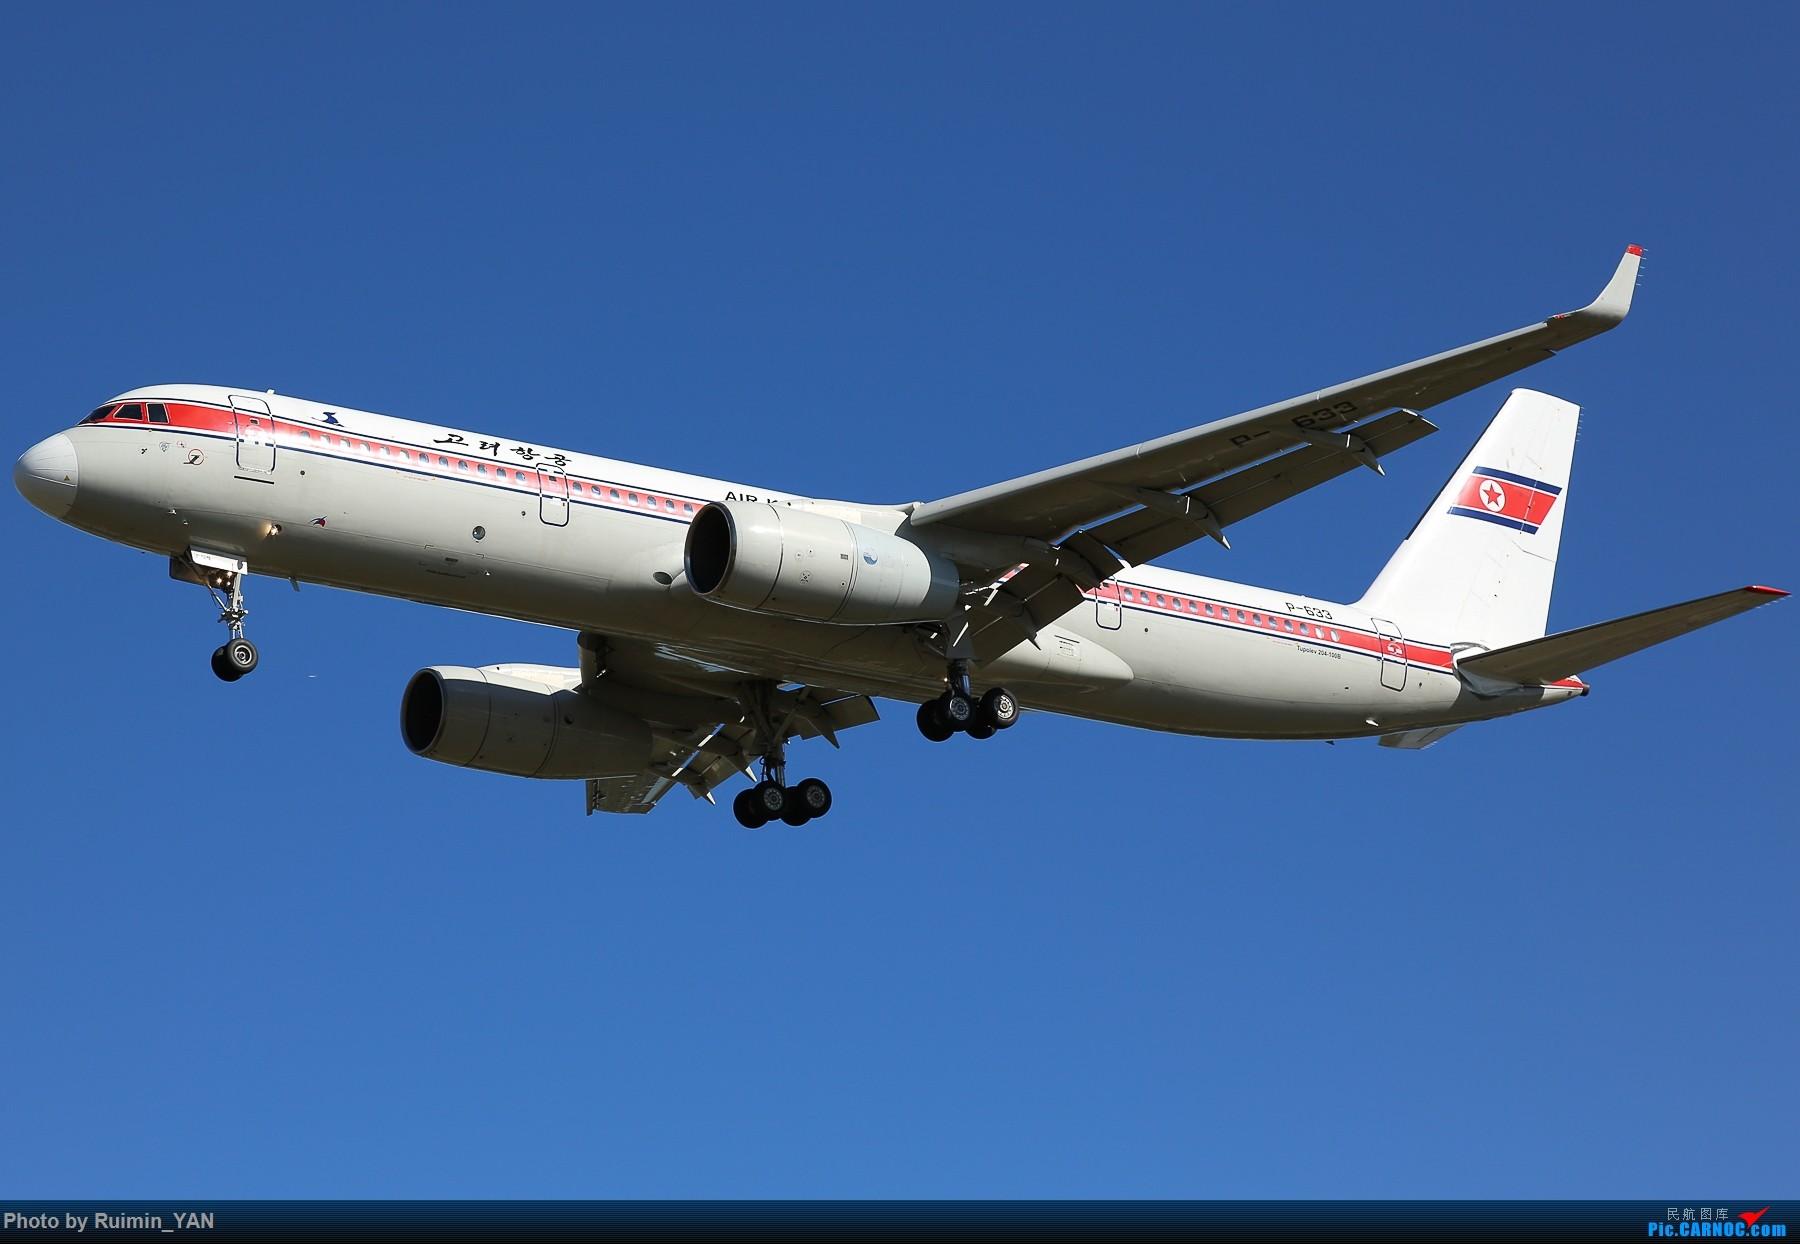 [原创]【PEK飞友会】朝鲜高丽Tu-204 TUPOLEV TU-204-100 P-633 中国北京首都国际机场